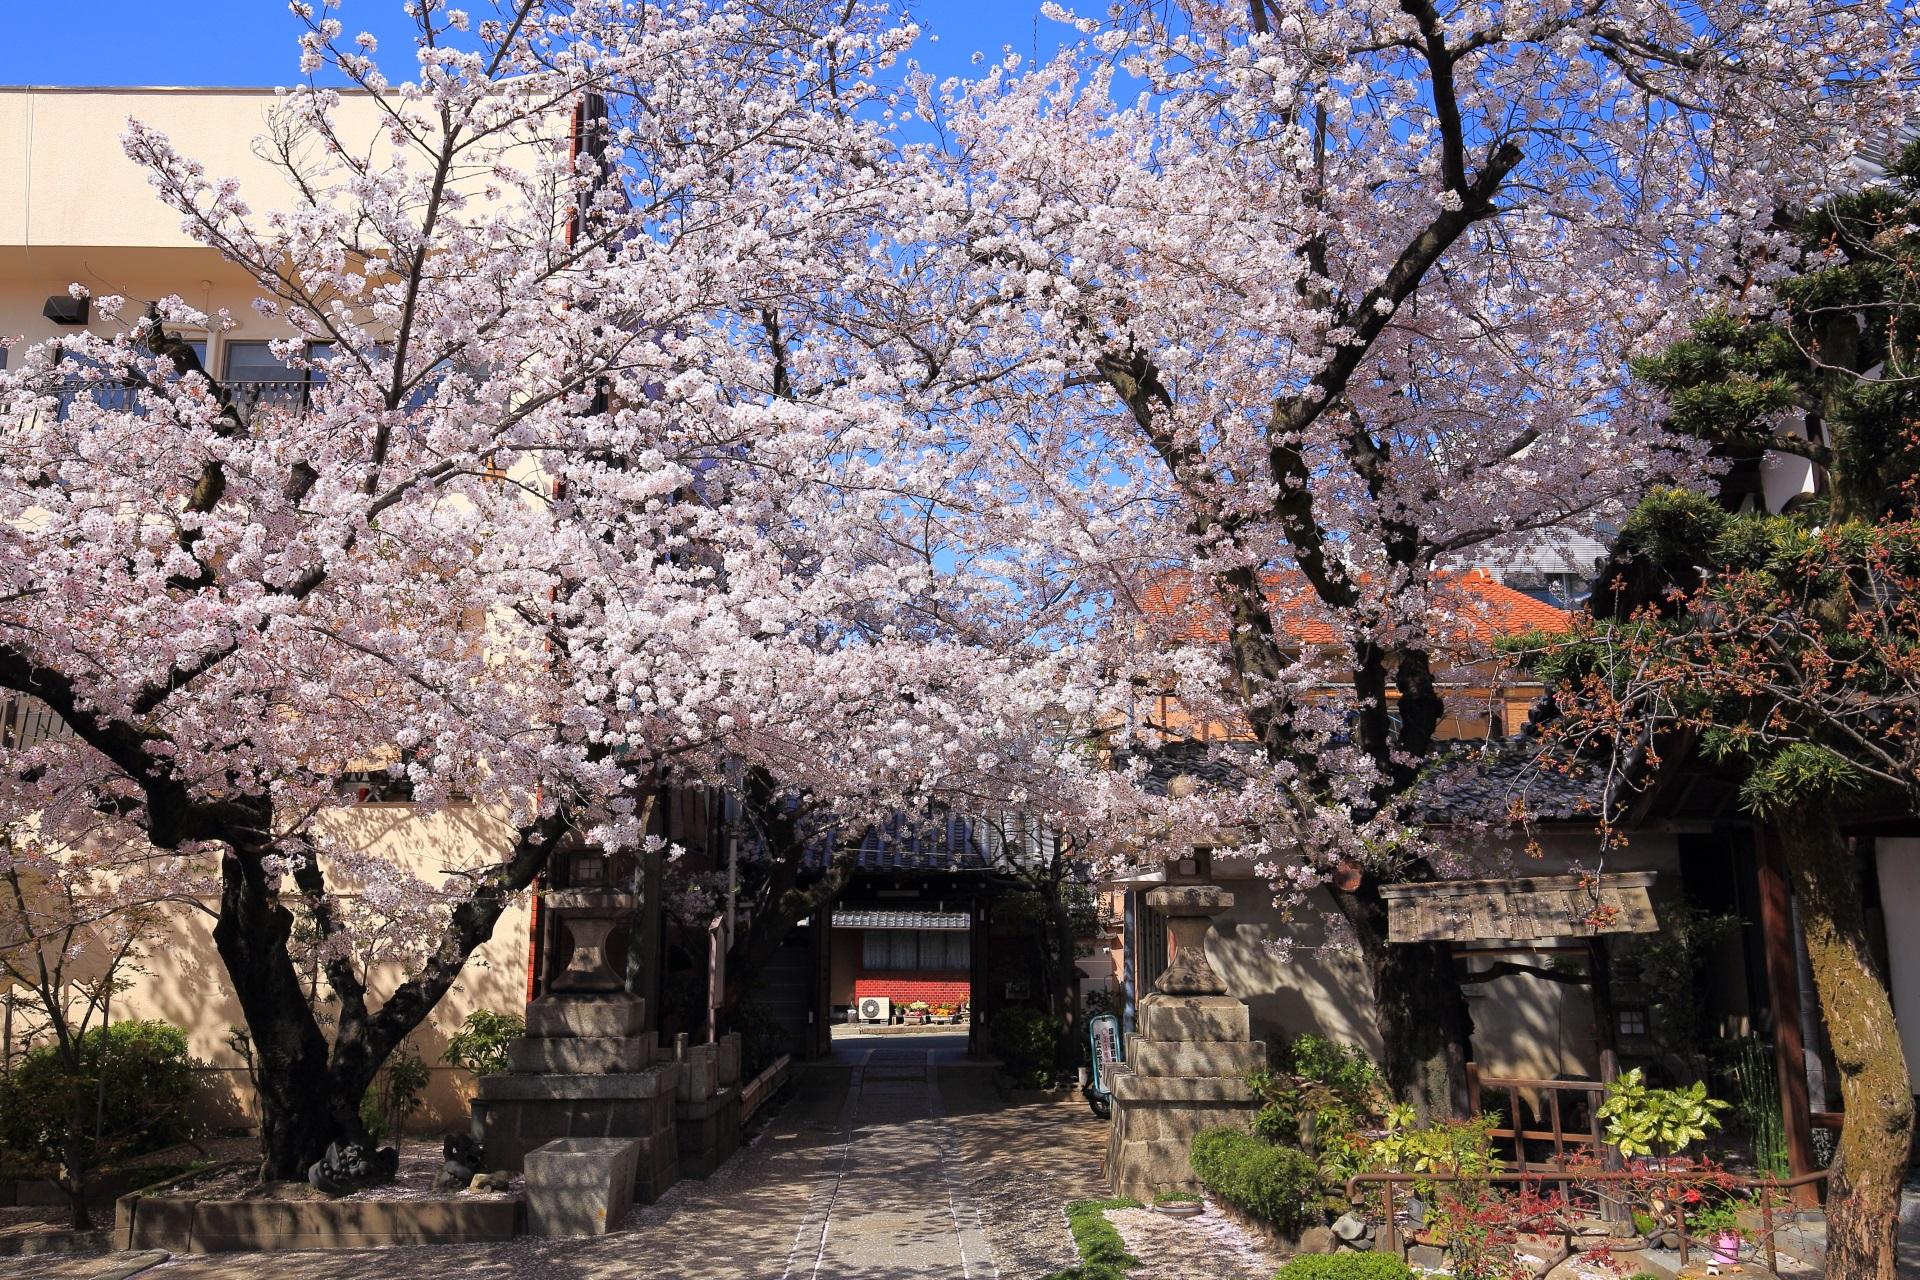 墨染寺の山門付近の極上の桜